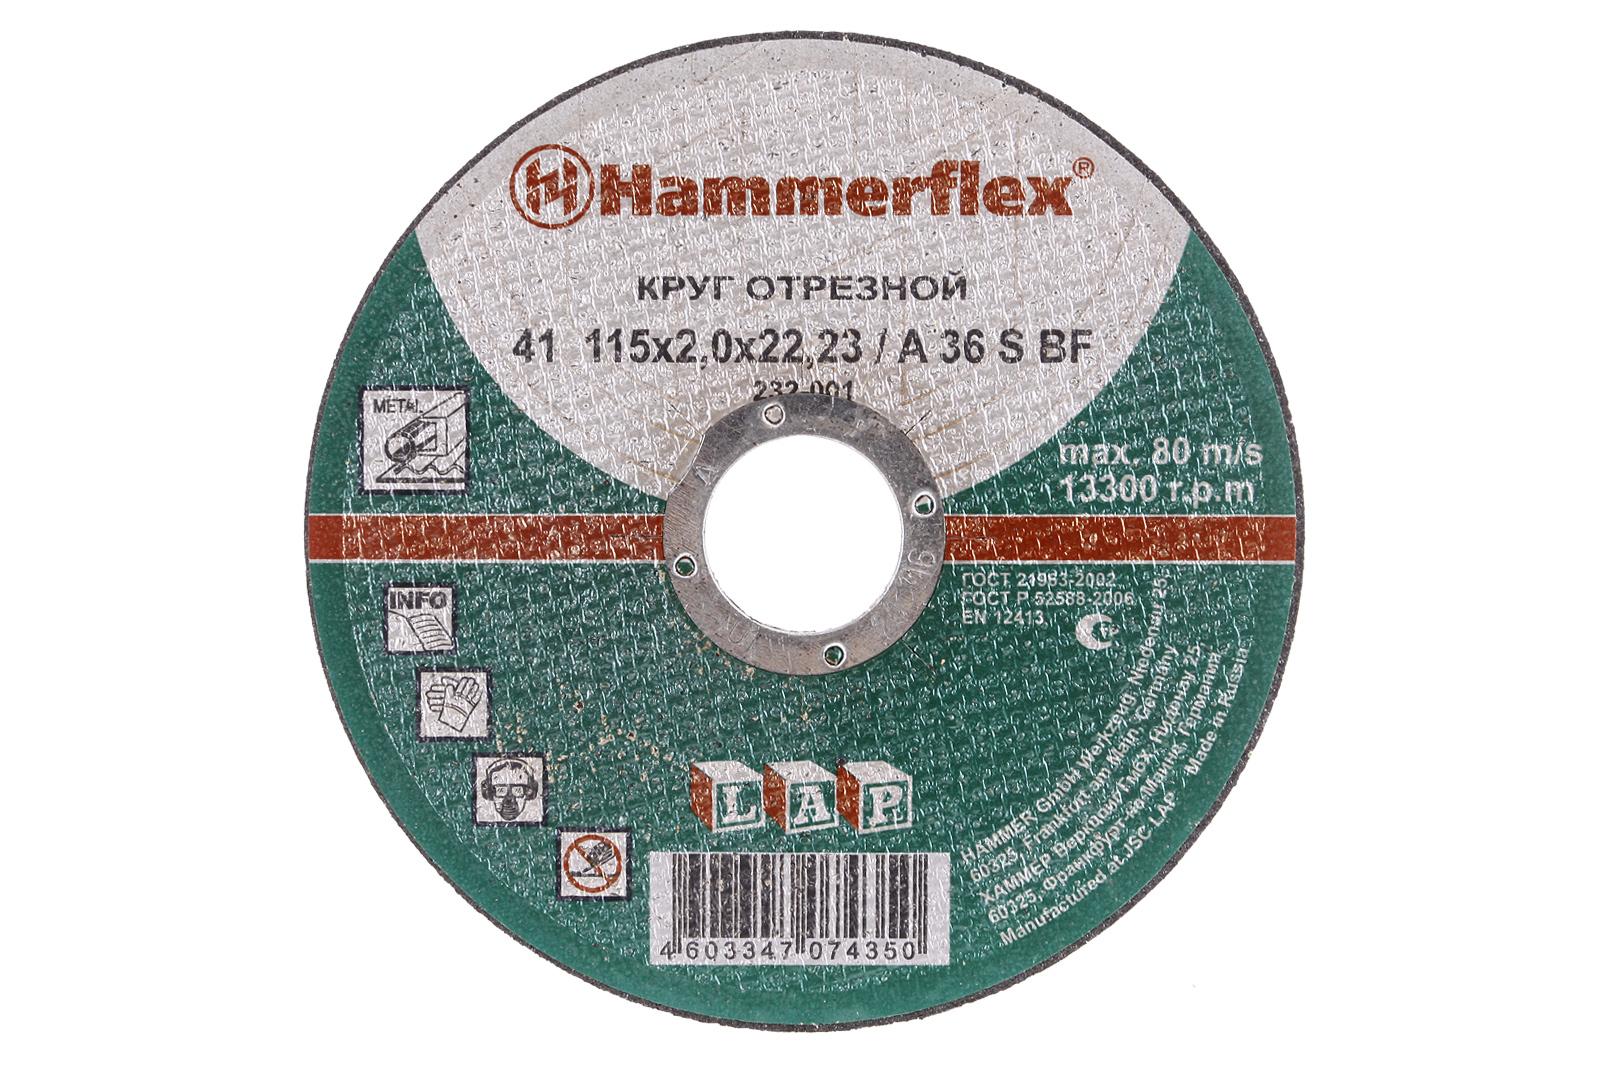 Круг отрезной Hammer 115 x 2.0 x 22 по металлу Коробка (200шт.) круг отрезной hammer flex 115 x 1 6 x 22 по металлу и нержавеющей стали 25шт